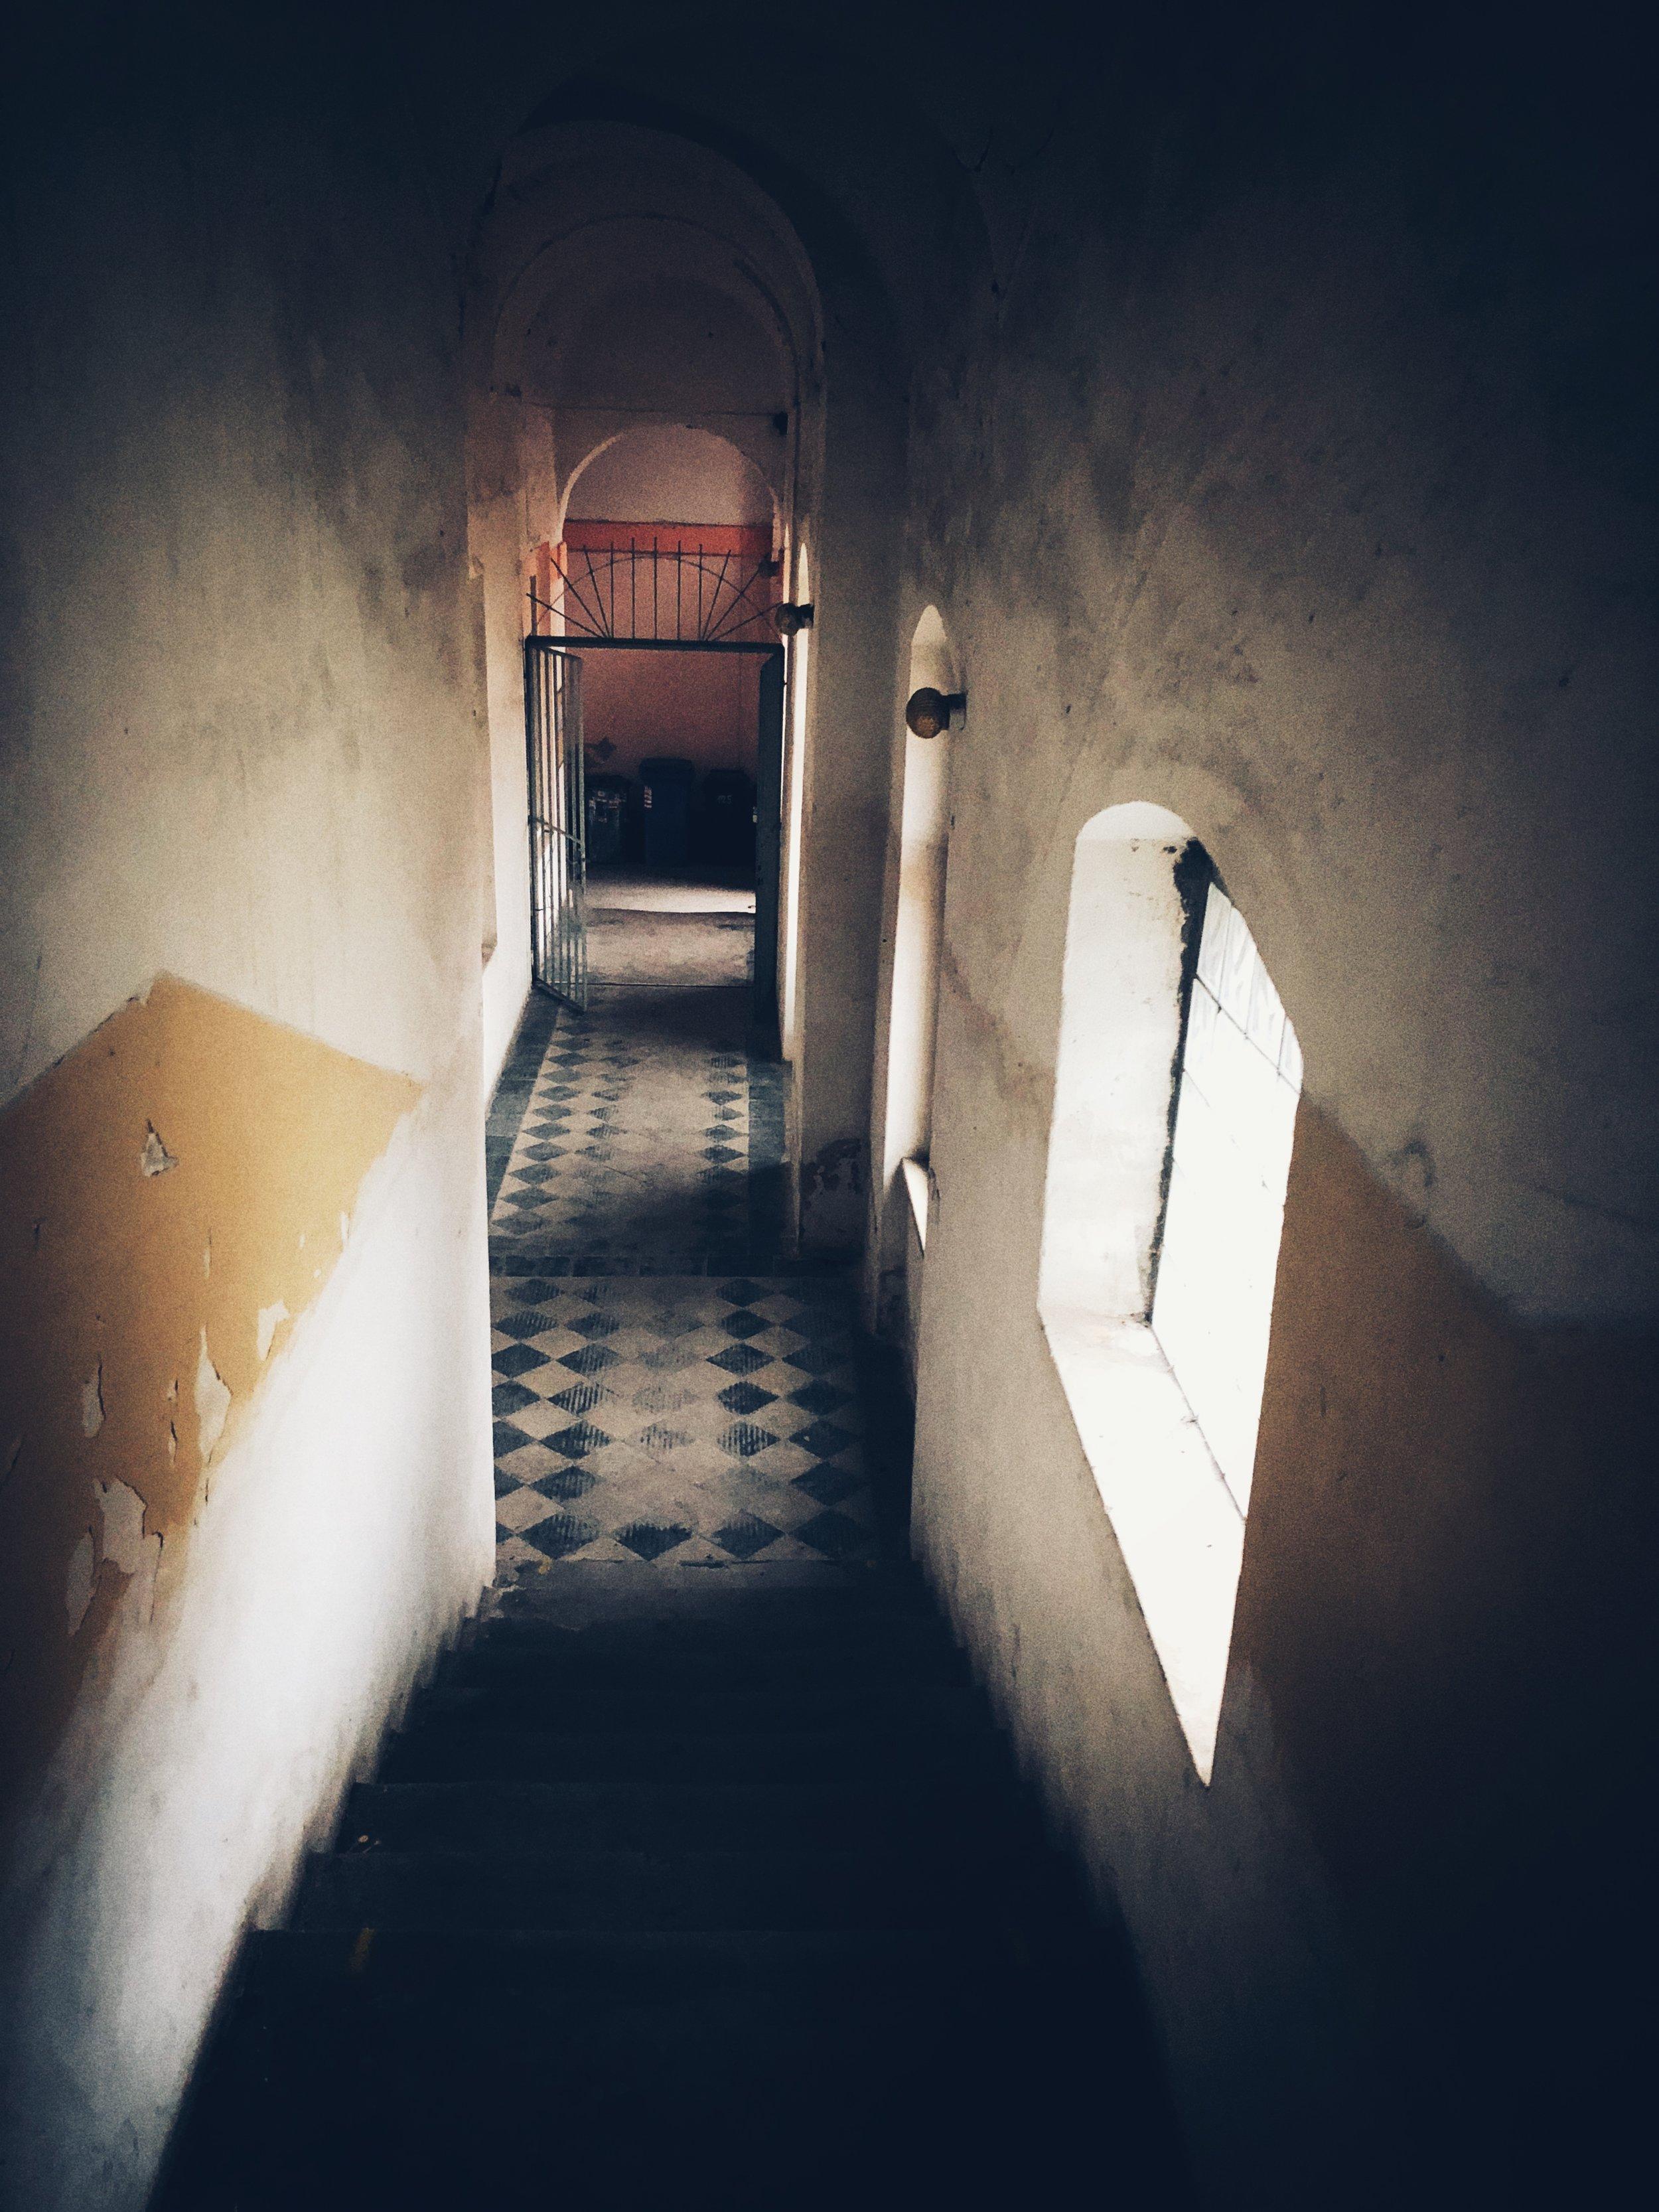 barracks, interior